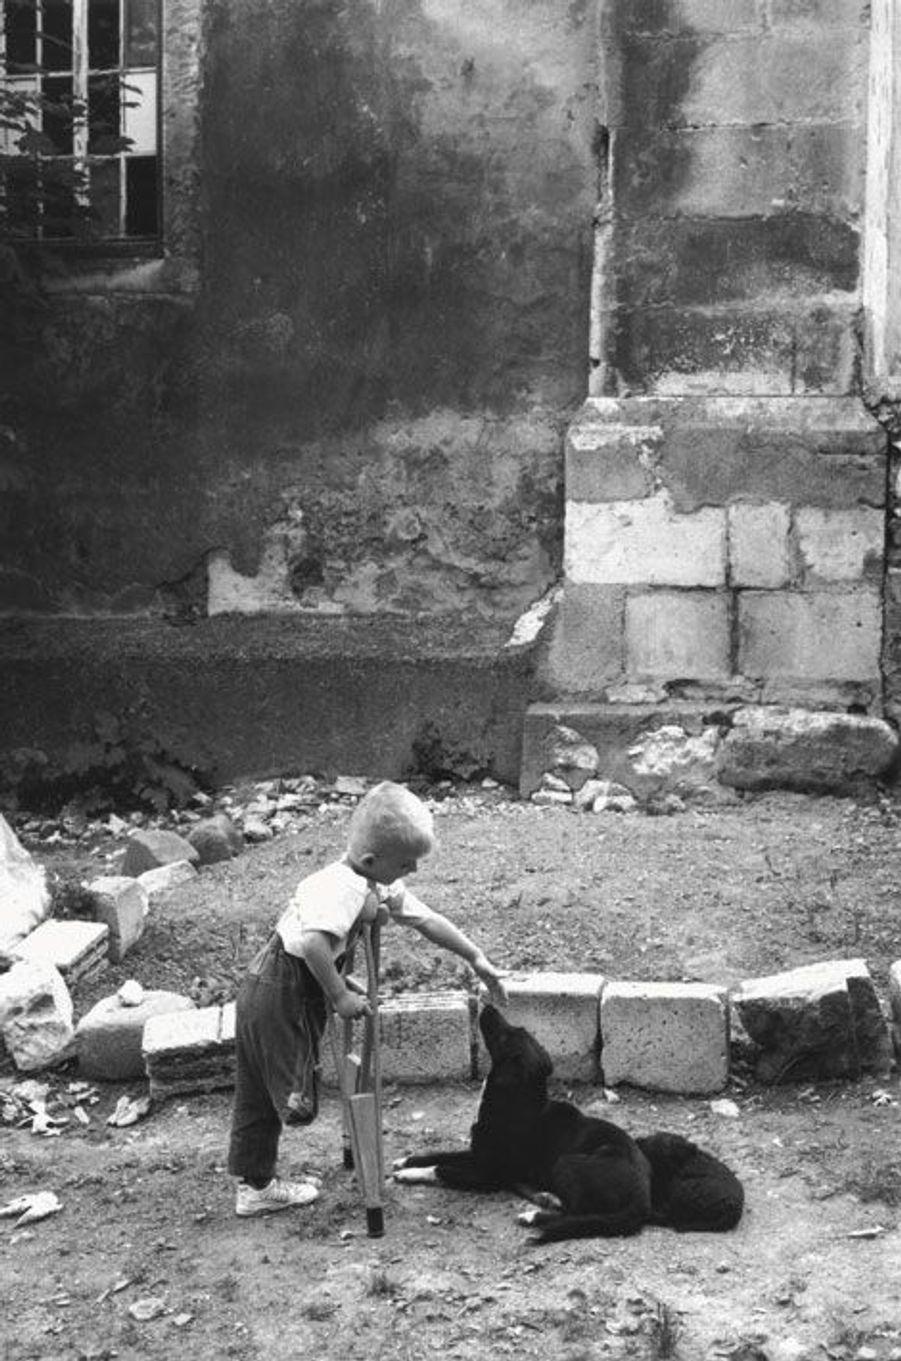 Bosnie, juin1995. Un gamin mutilé joue avec son chien dans la poche musulmane de Bihac assiégée par les troupes serbes, bientôt libérée par les Croates.